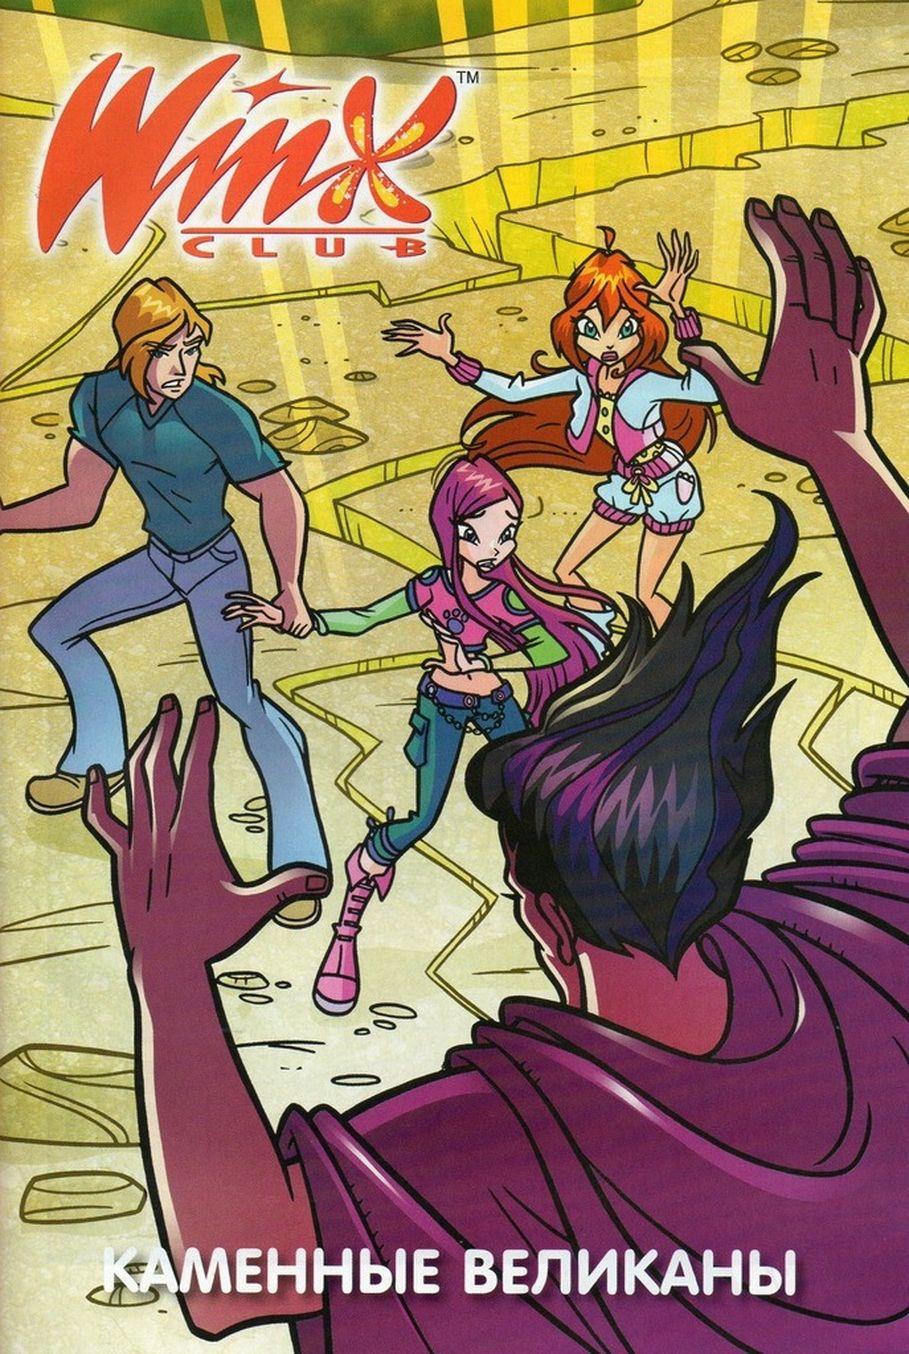 Комикс Винкс Winx - Каменные великаны (Журнал Винкс №11 2011) - стр. 14